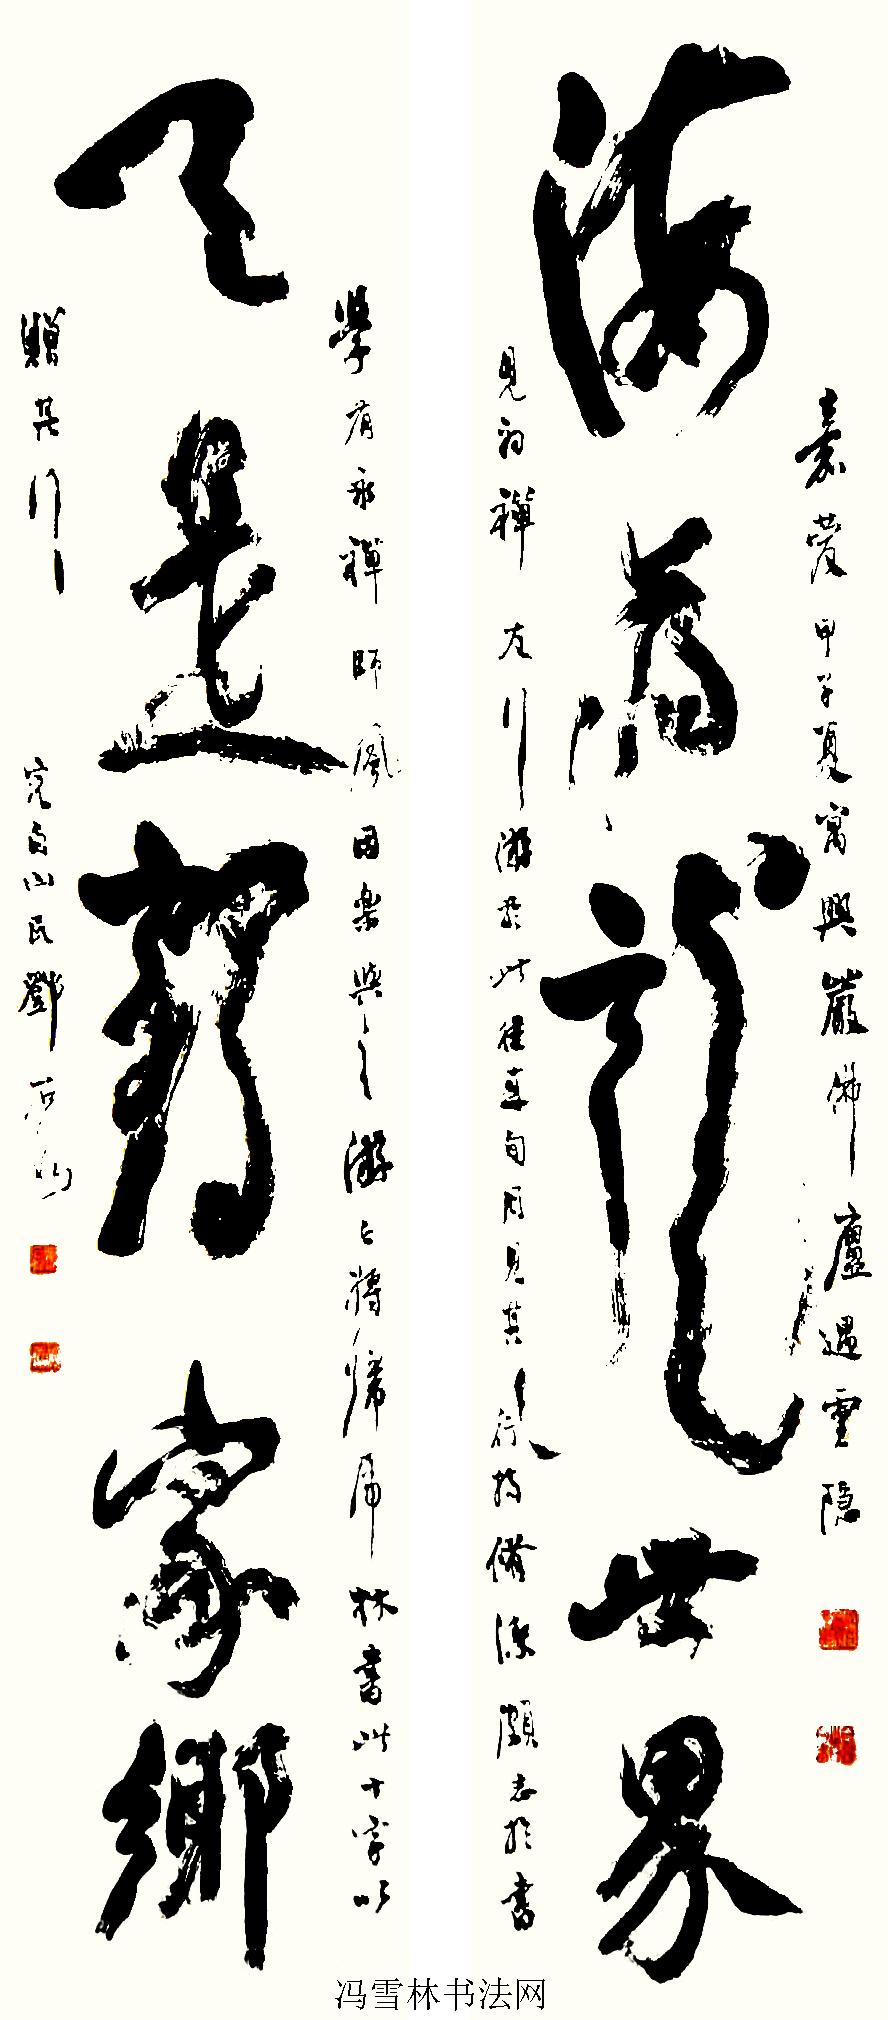 邓石如海为龙世界天是鹤家乡行草五言联欣赏